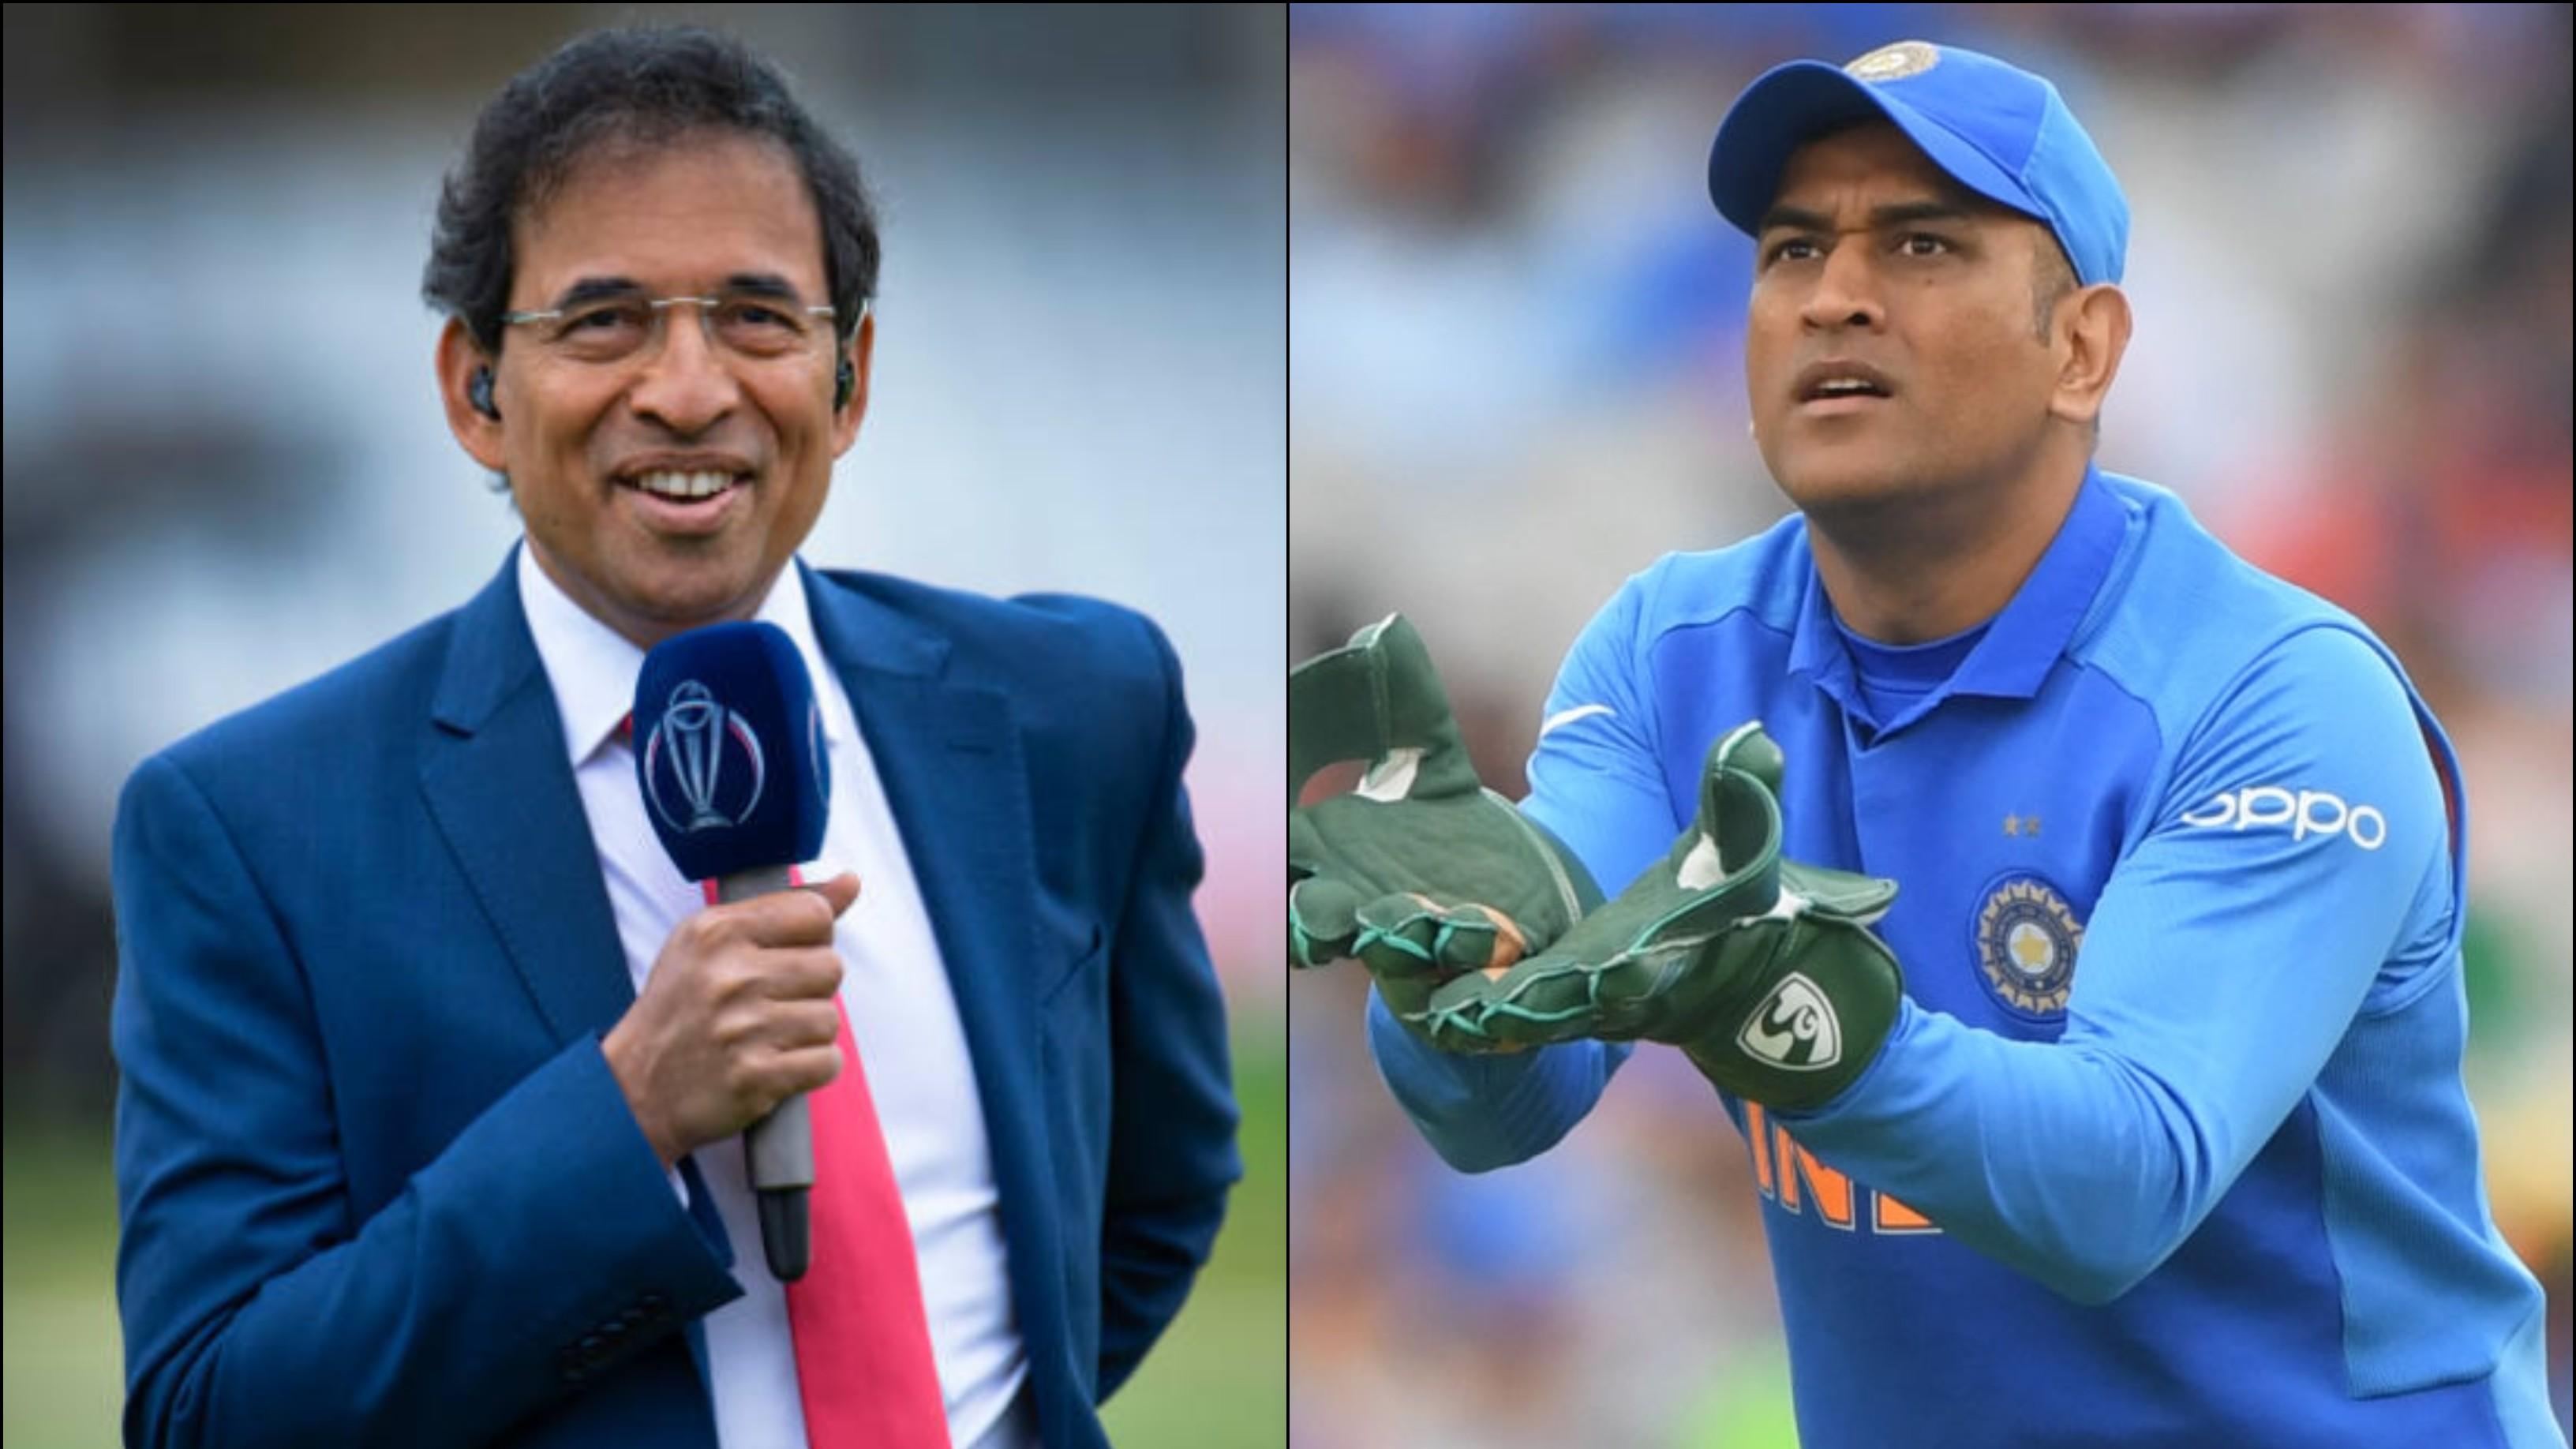 हर्षा भोगले के अनुसार आईपीएल का एक अच्छा सीजन महेंद्र सिंह धोनी के लिए स्थिति बदल देगा